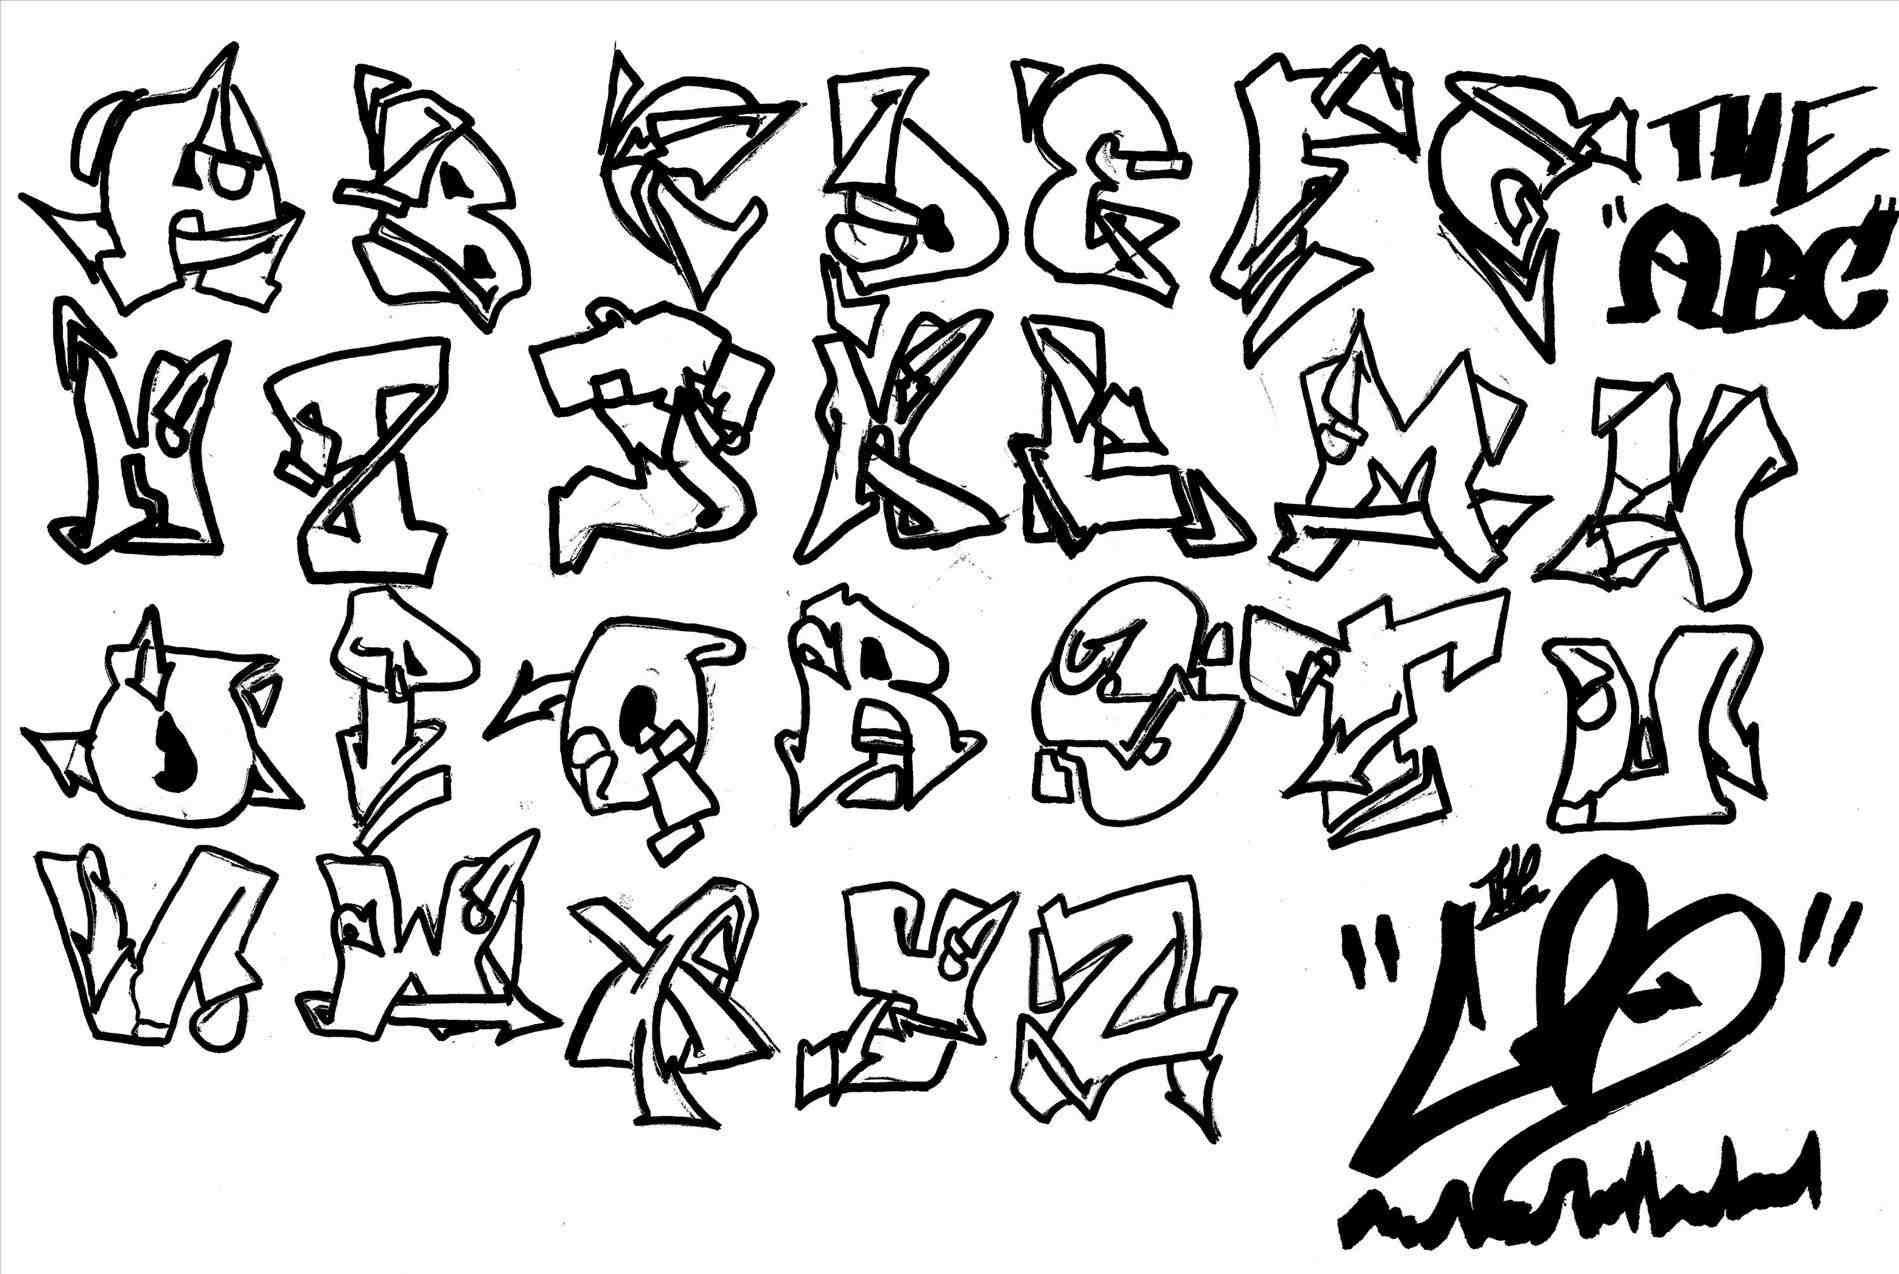 1899x1274 Drawing Graffiti Letters A Z Graffiti Alphabet Drawings Graffiti